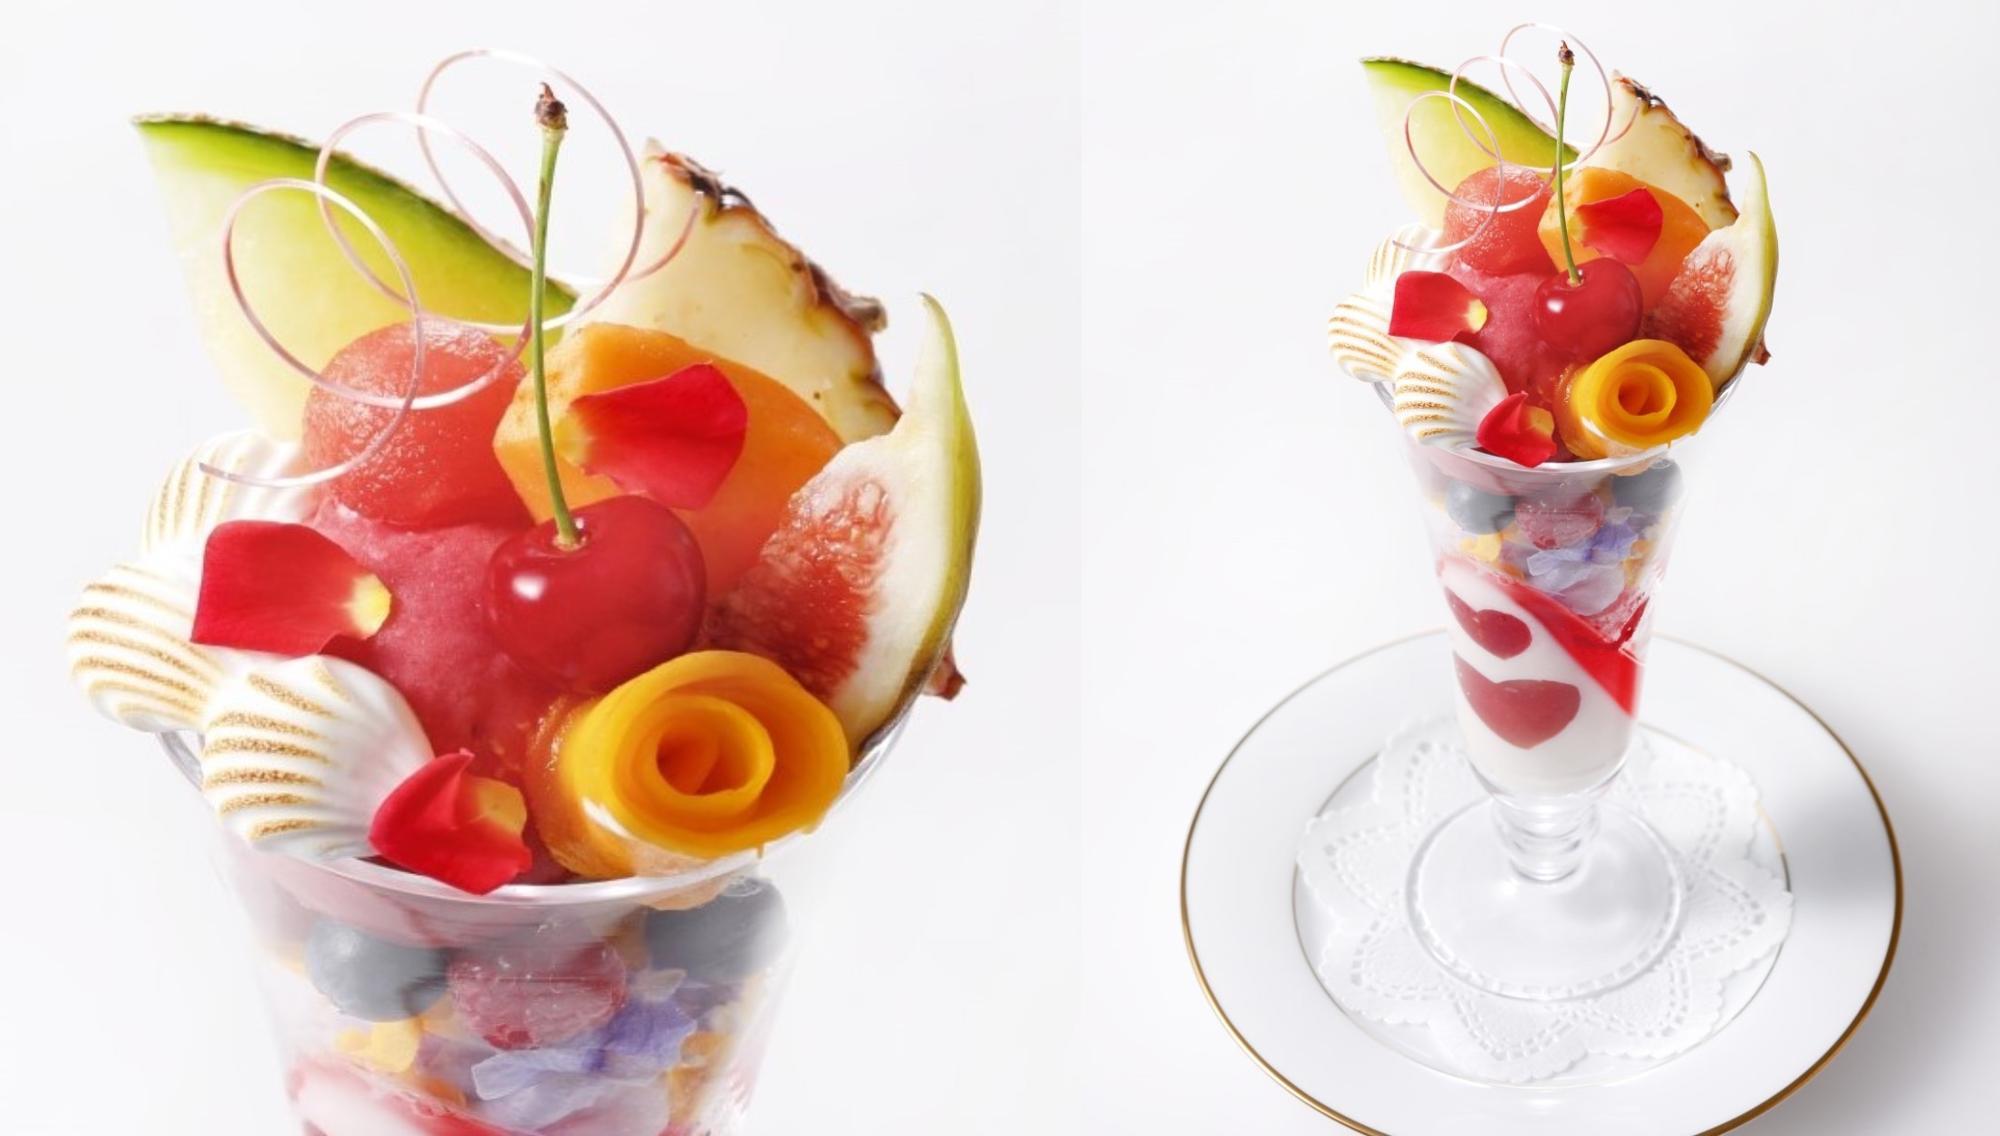 「3周年記念 国産フルーツのブーケパフェ」 1,980円( コーヒーまたは紅茶またはハーブティー付き)